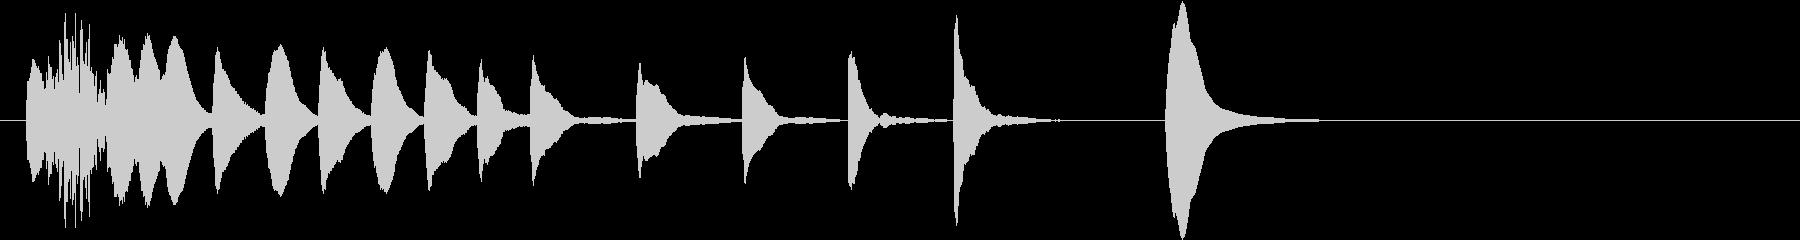 マリンバ ほのぼの 軽快なジングルの未再生の波形